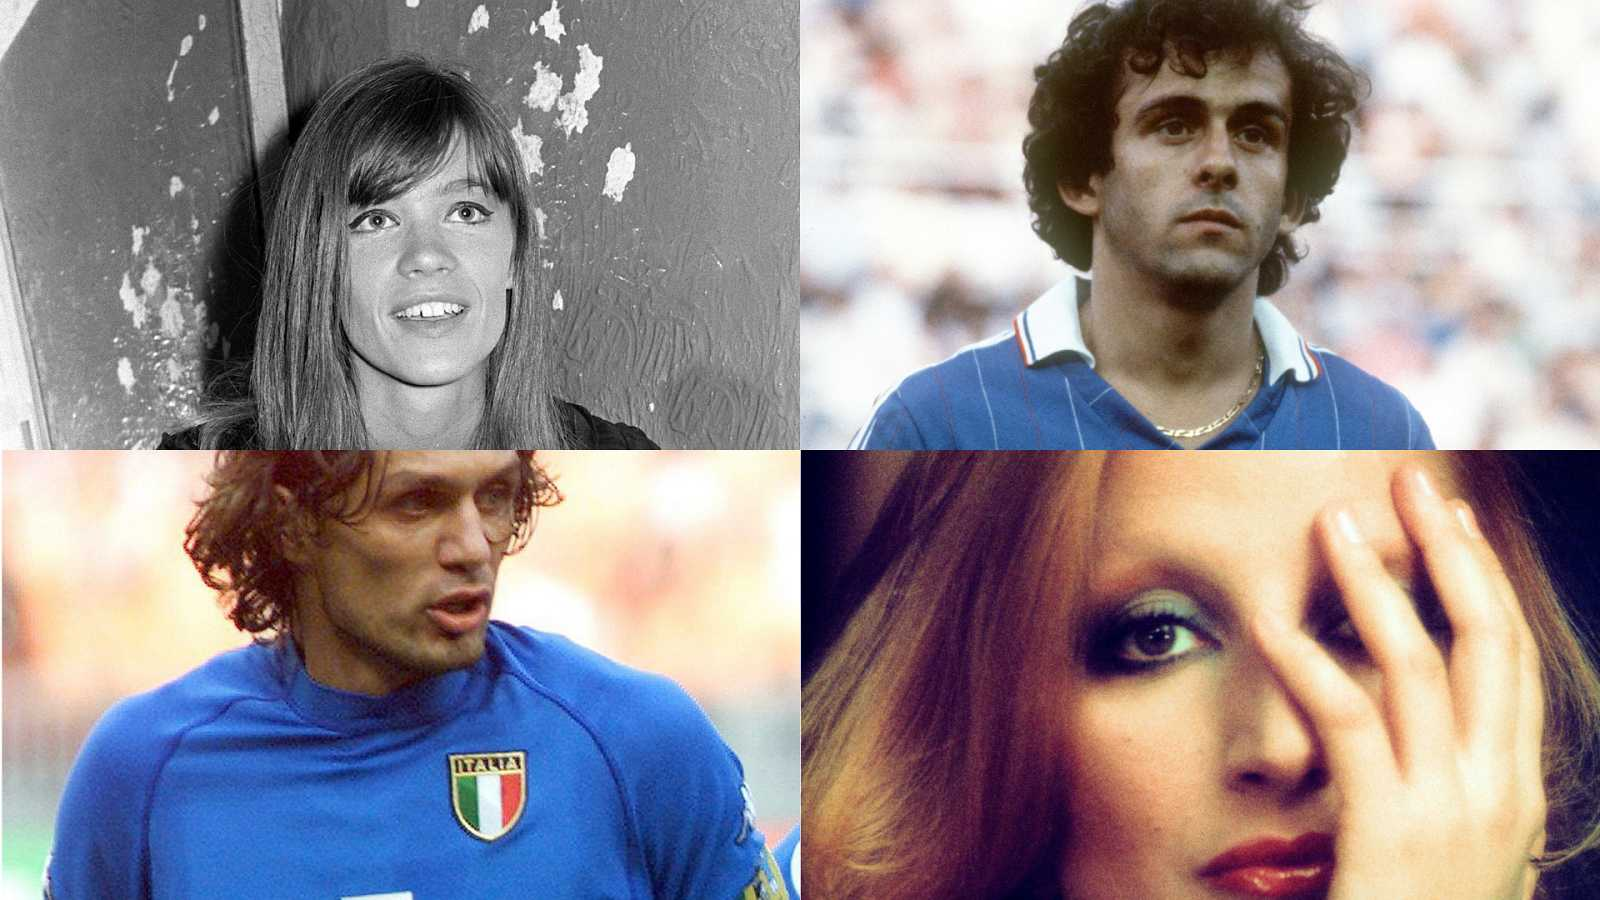 Universo Scallie - Italia y Francia, fútbol y pop - 08/05/21 - escuchar ahora